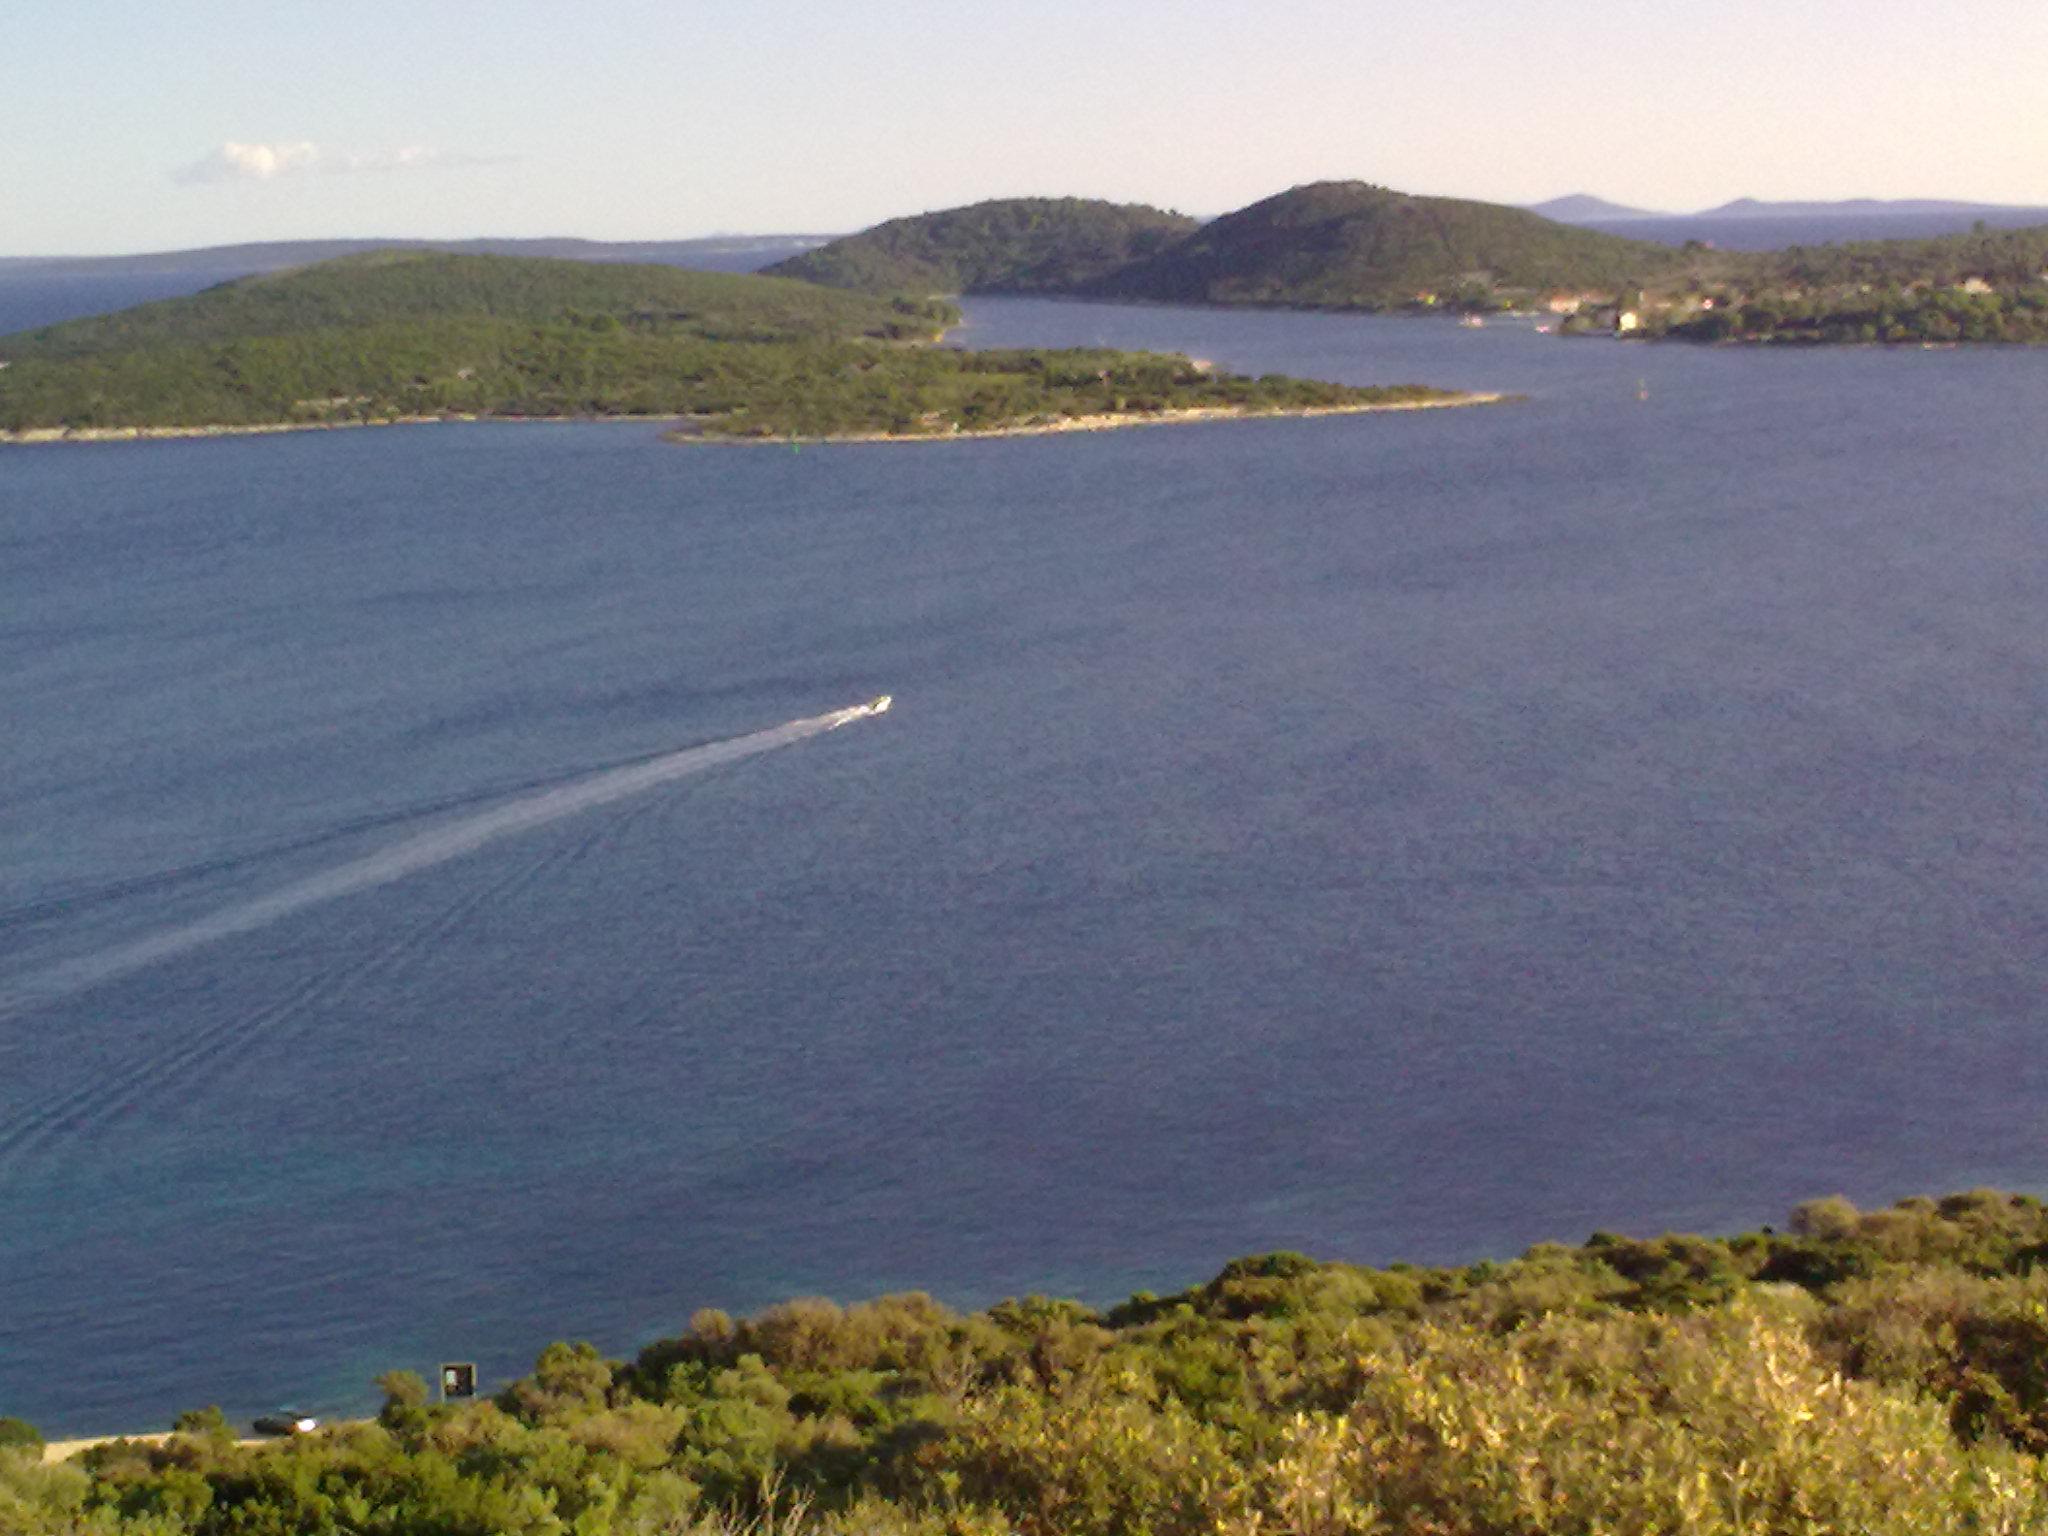 L'isola inaspettata molto vicino